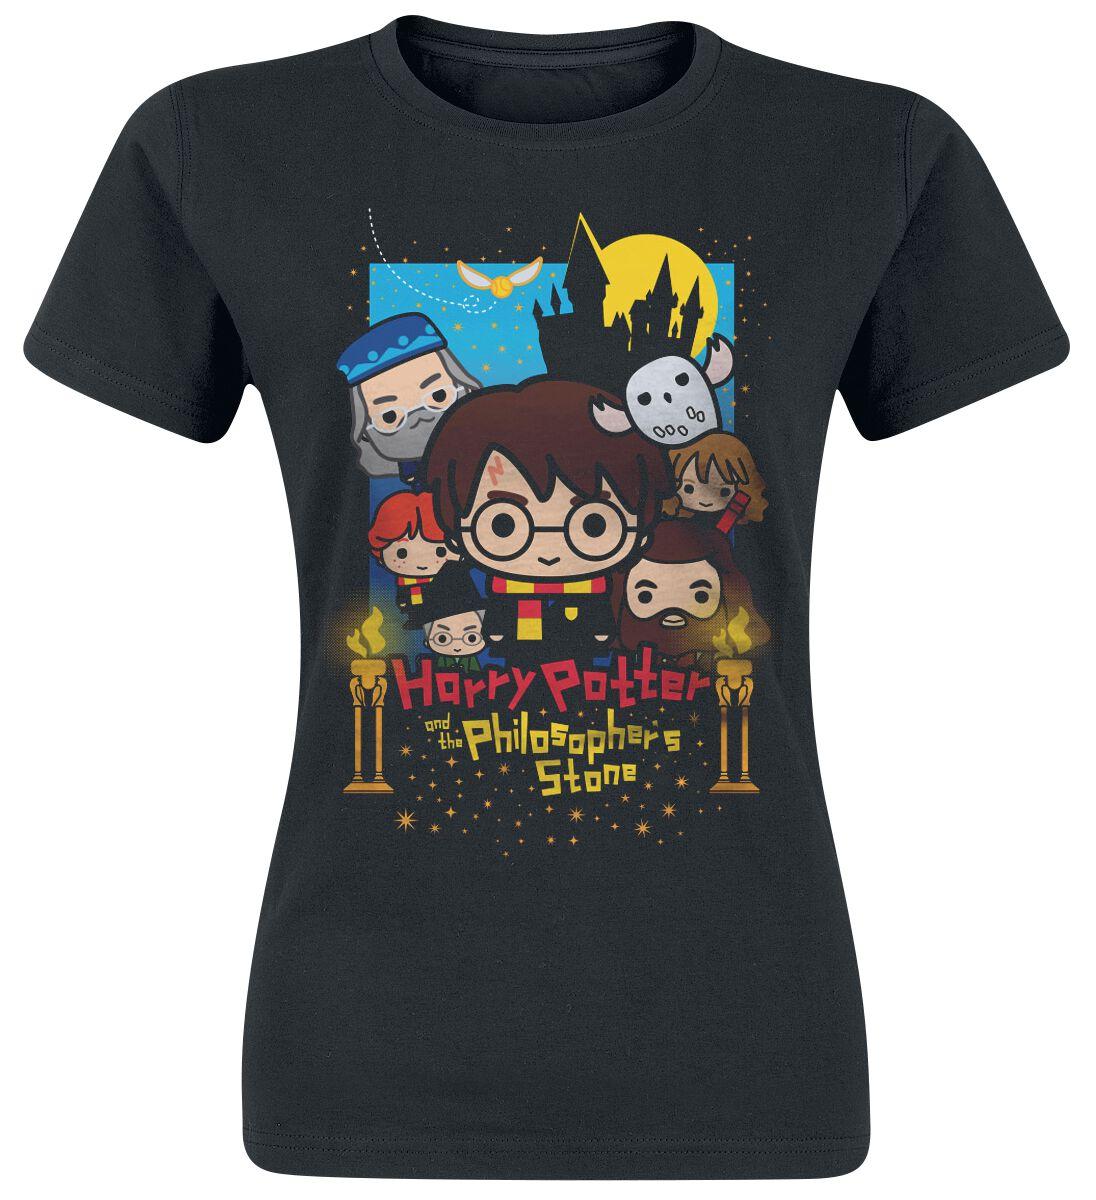 Image of   Harry Potter Cute - Poster Art Girlie trøje sort